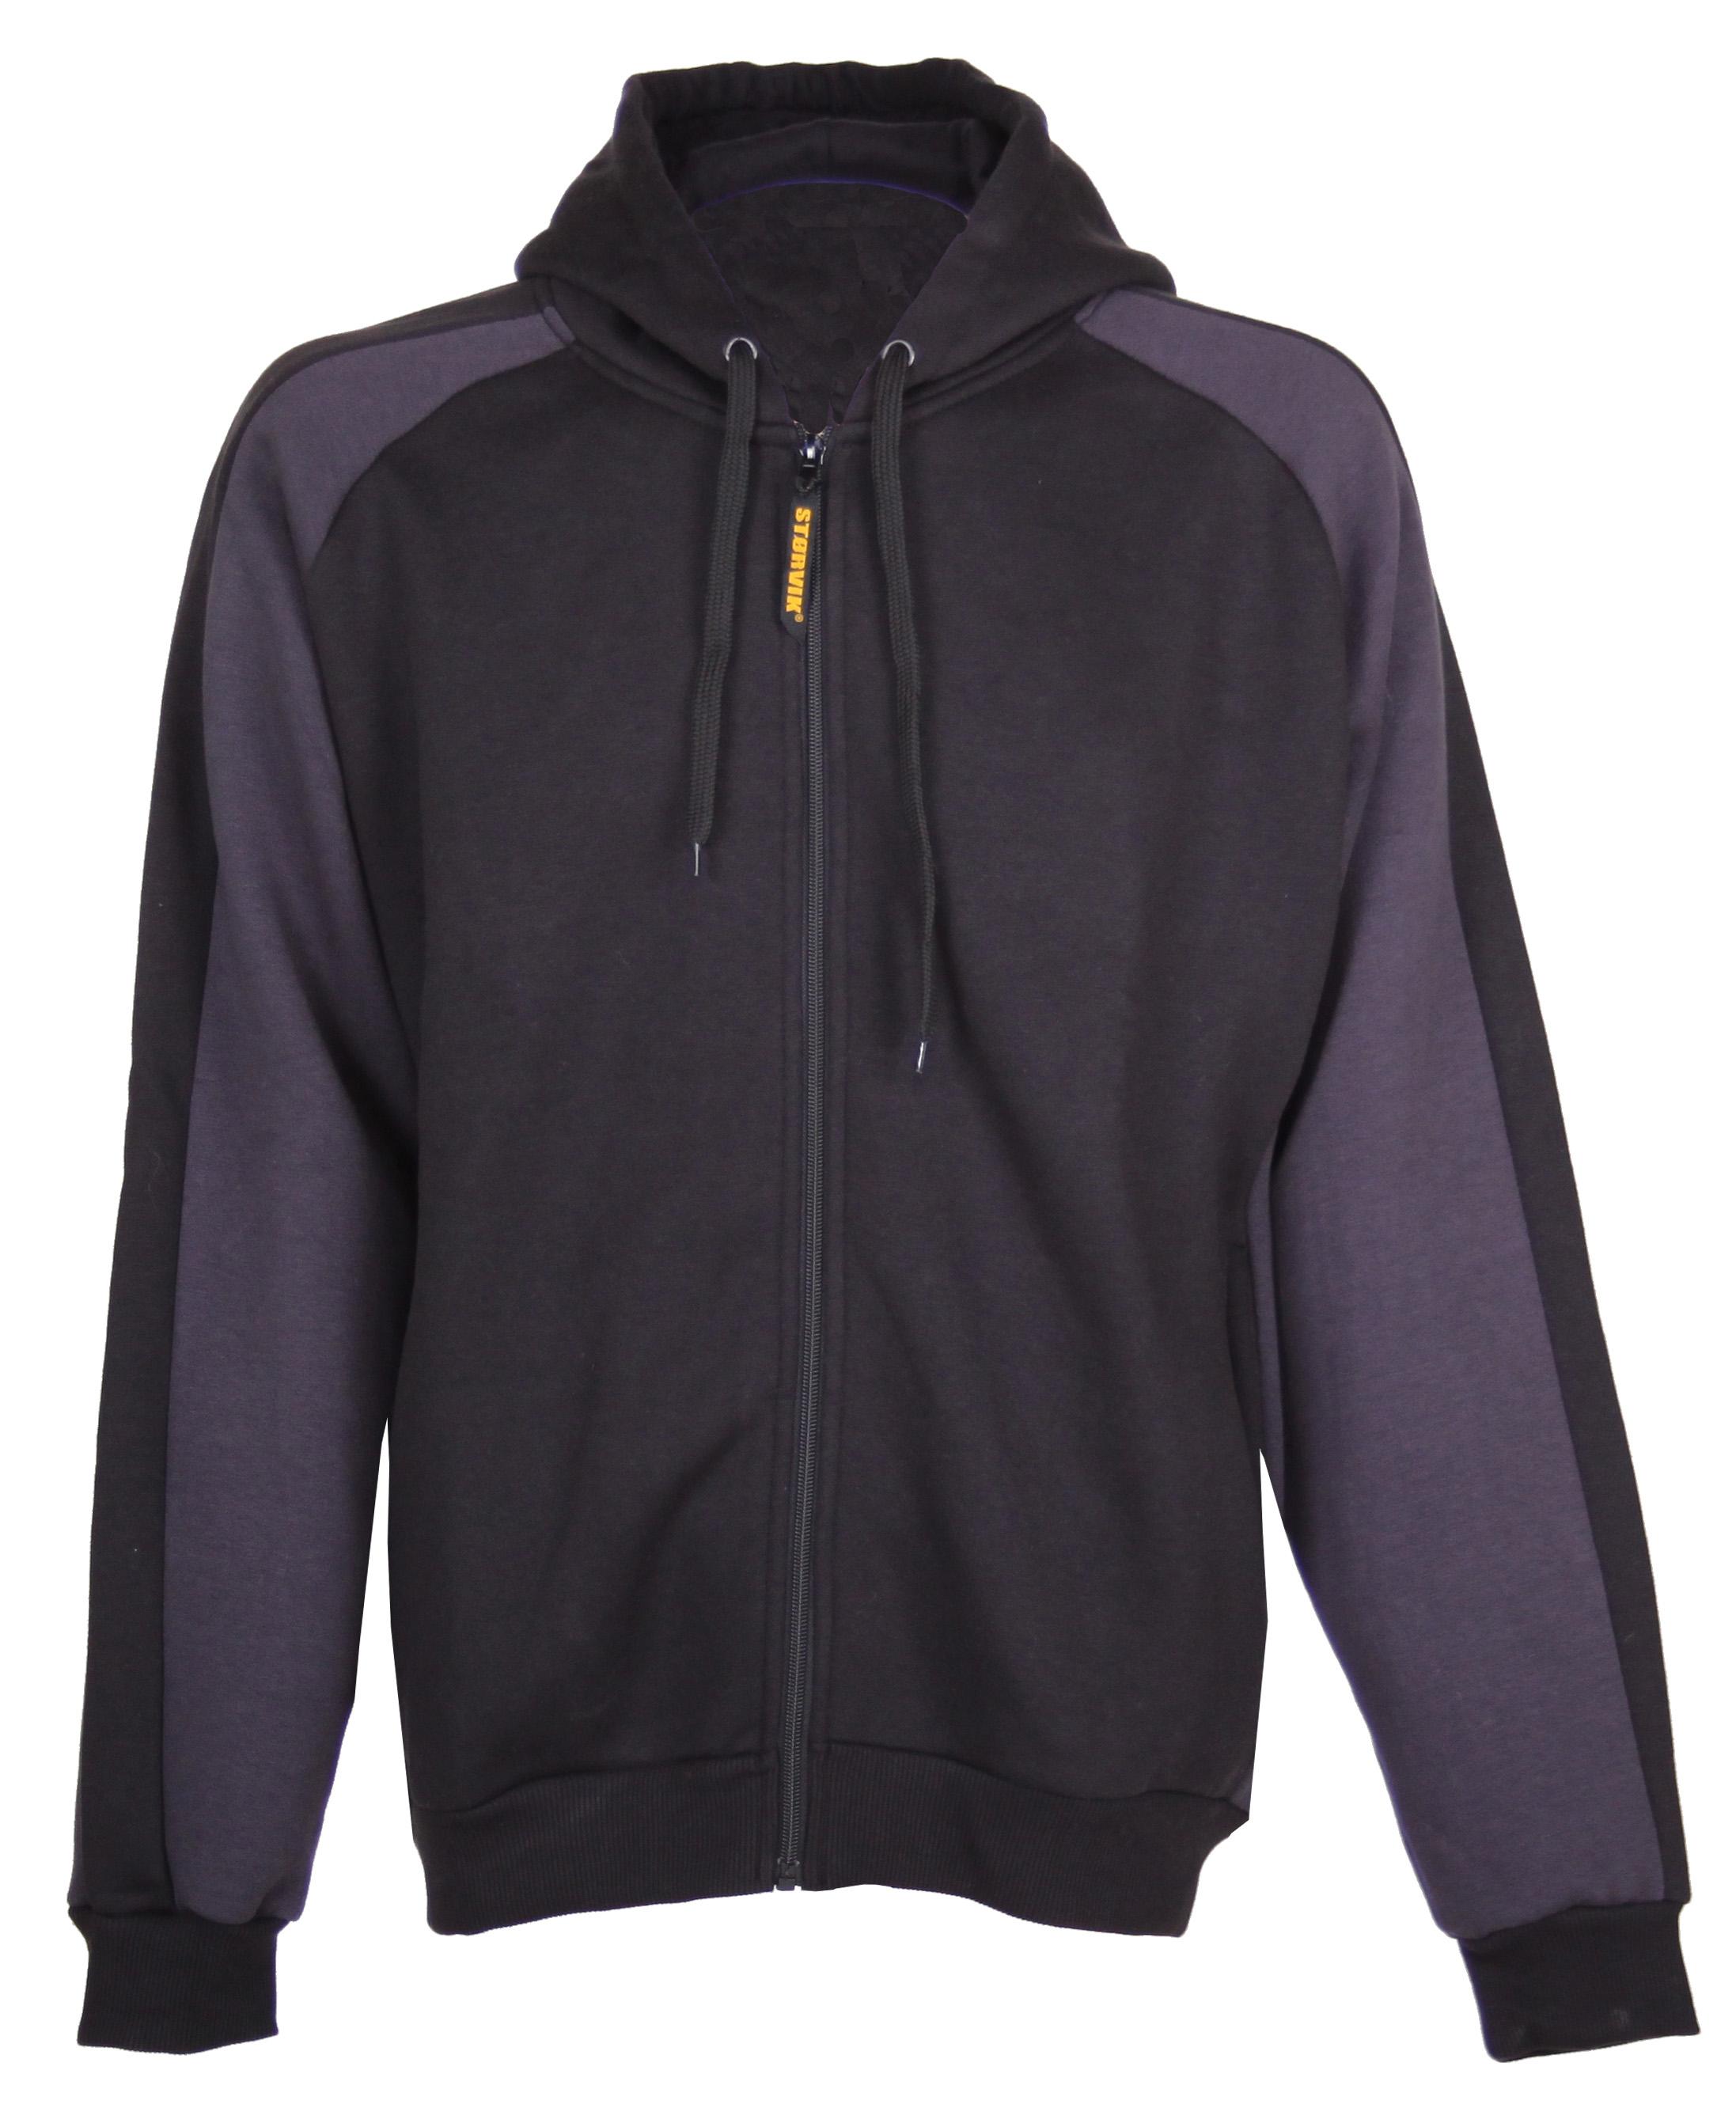 storvik-frank-sweater-zwart